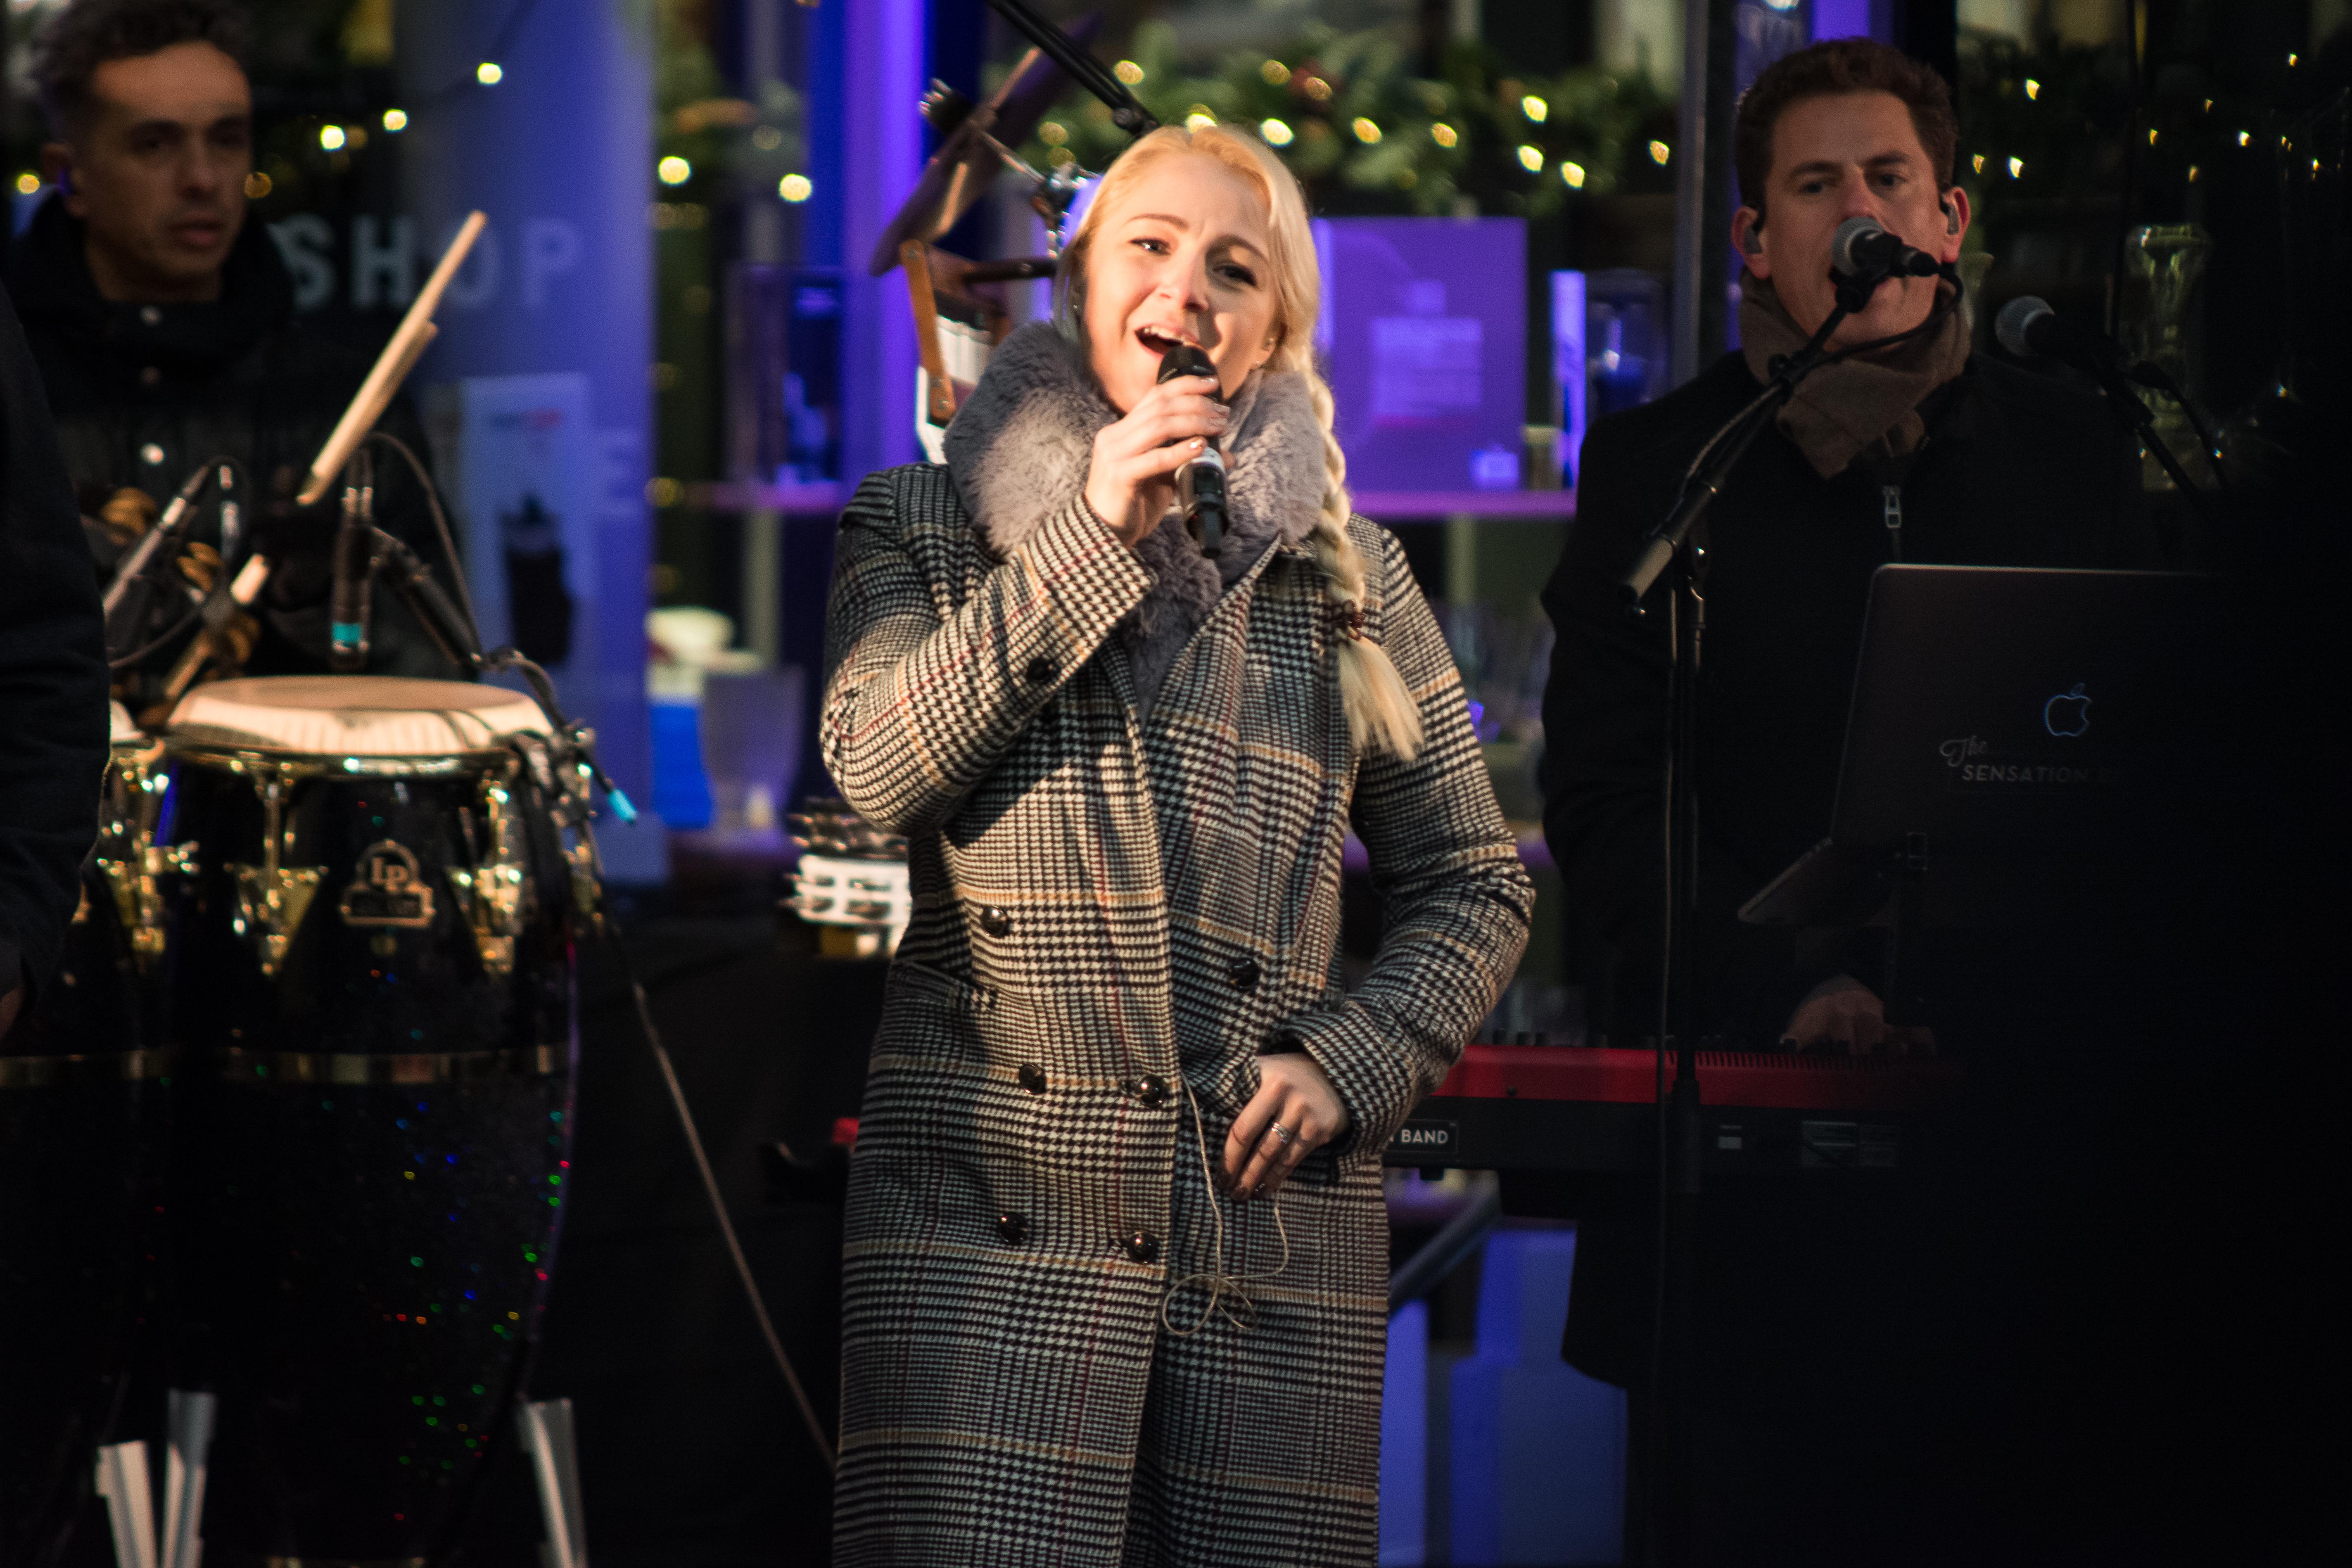 Singer at Borough Market